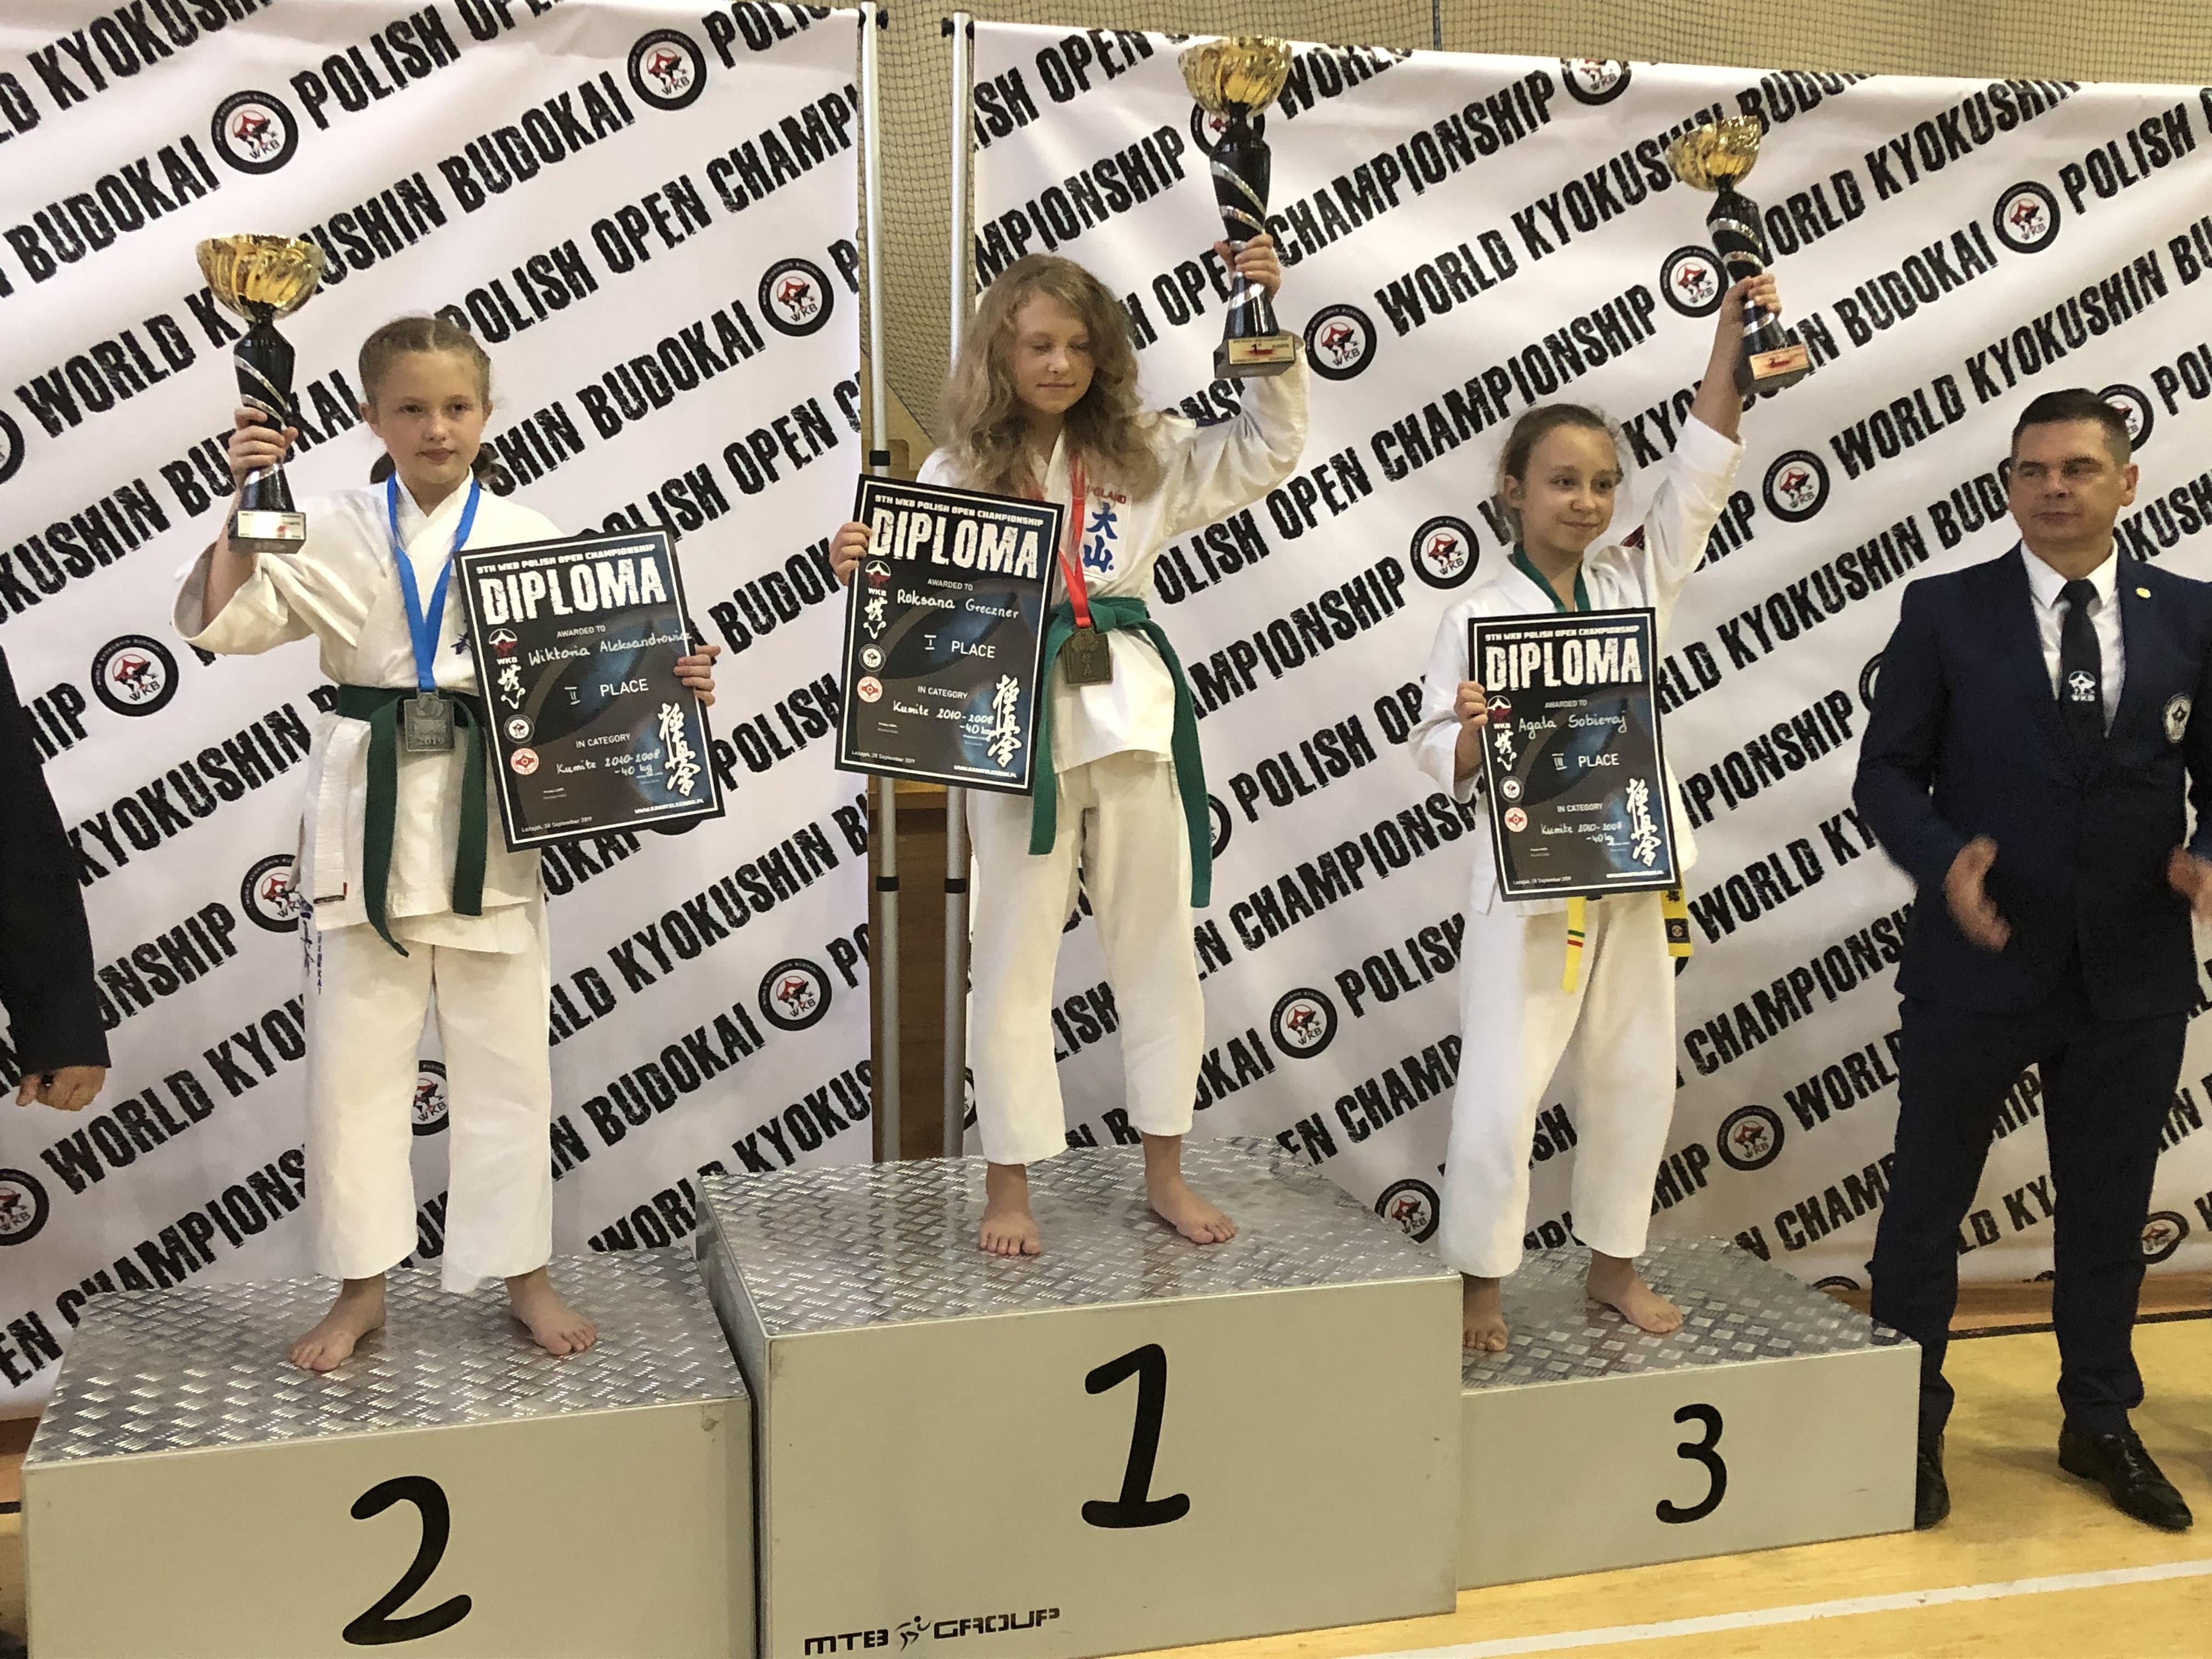 Na najwyższym stopniu podium zawodów WKB Polish Open Championship w Leżajsku stanęła Roksana Greczner z Oświęcimskiego Klubu Karate. Fot. zbiory OKK/nadesłane